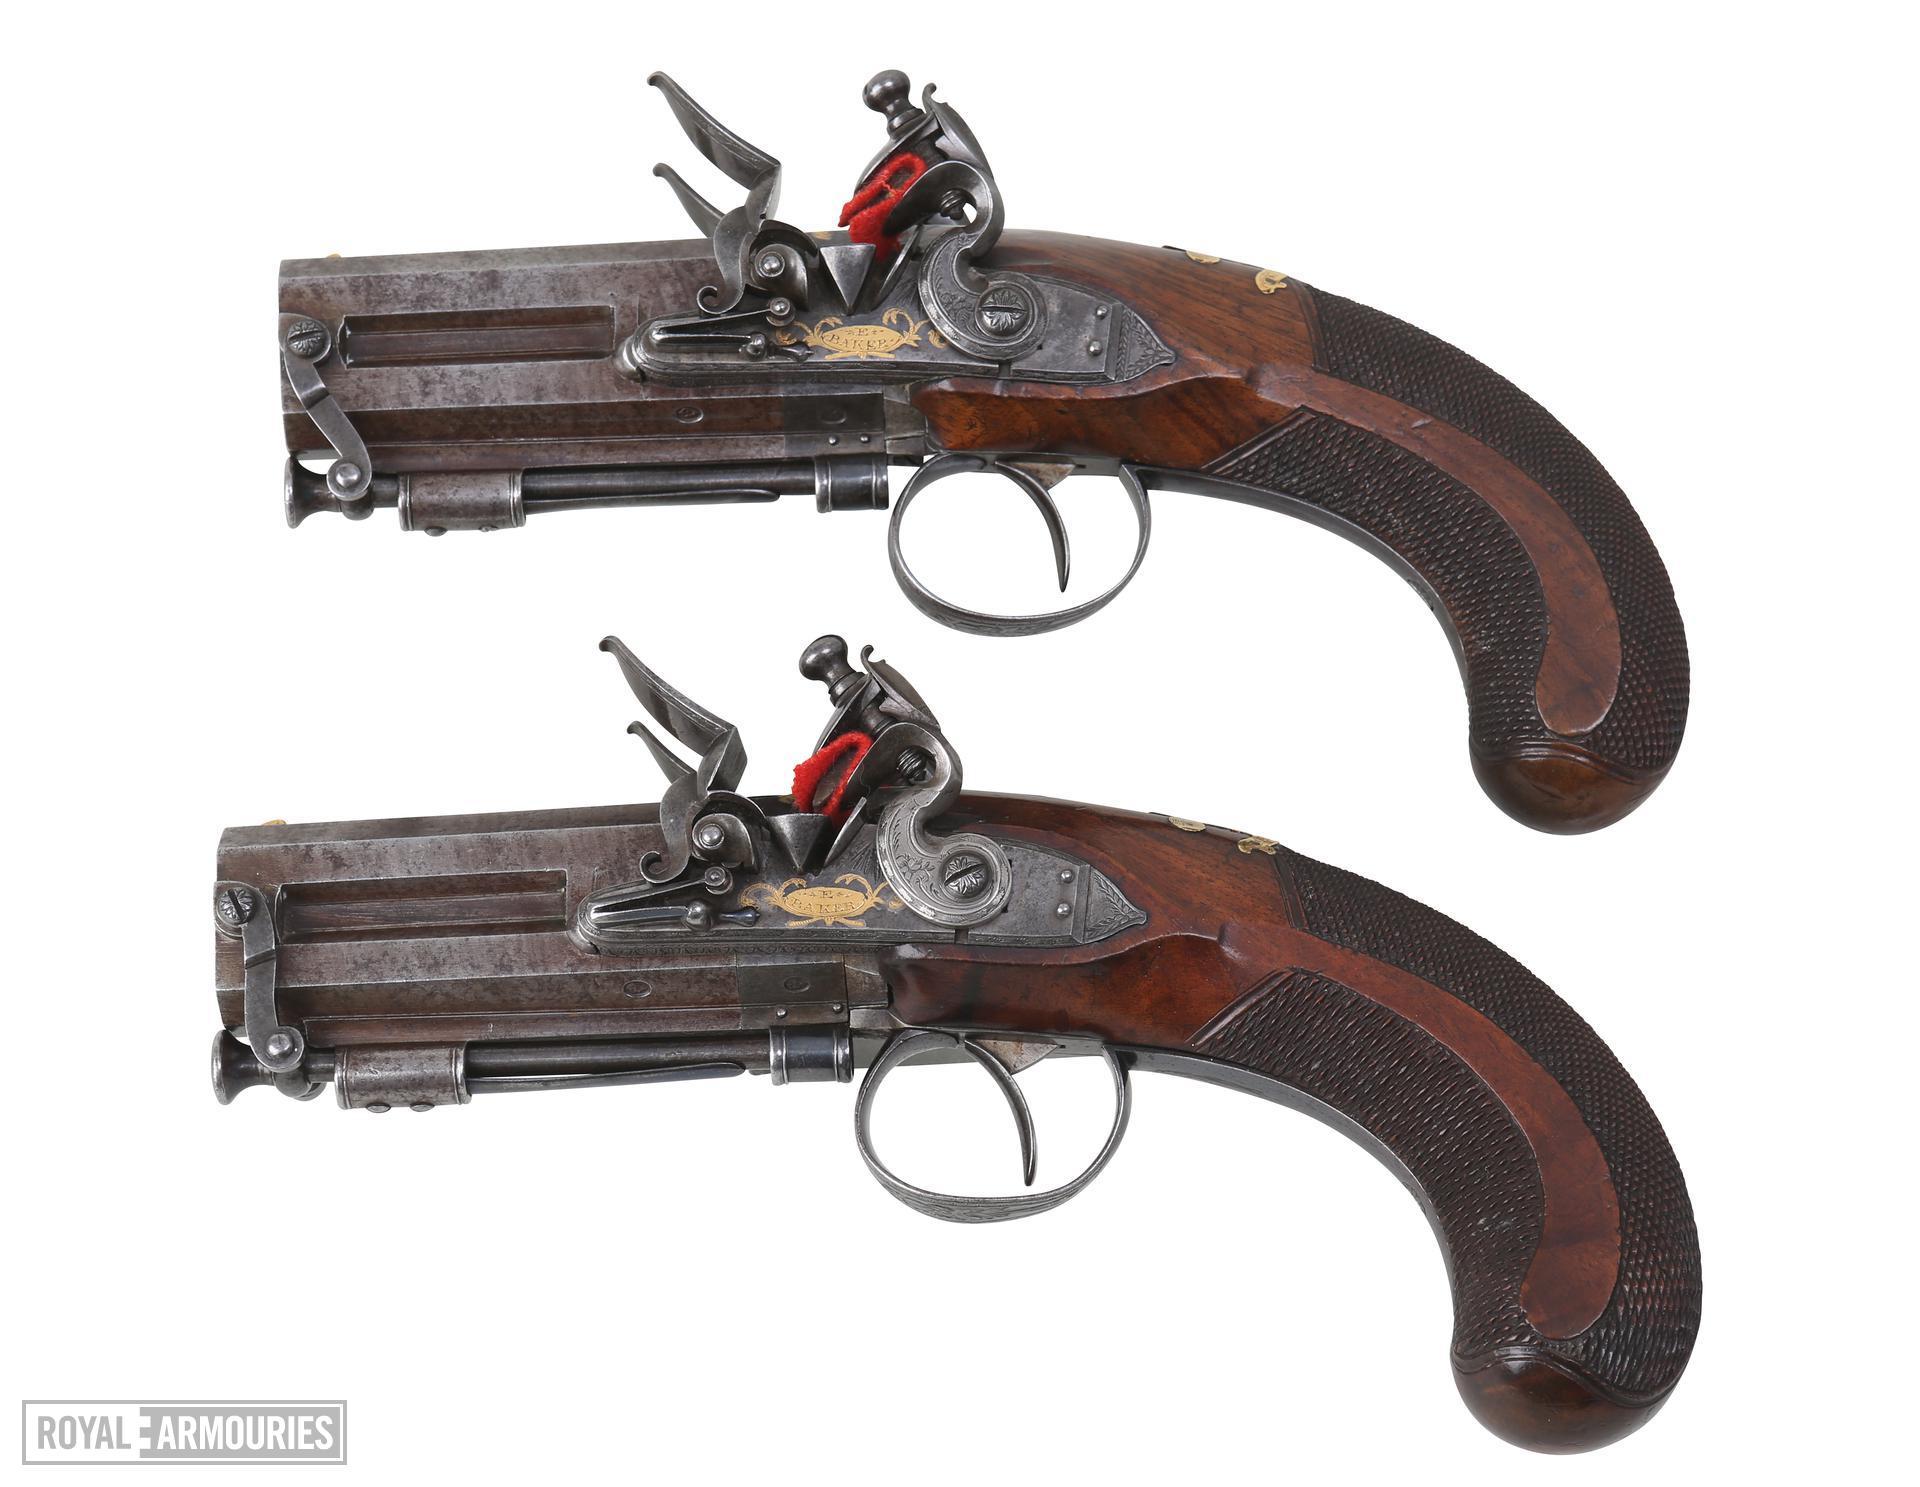 Flintlock muzzle-loading double-barrelled pistol - By Ezekiel Baker